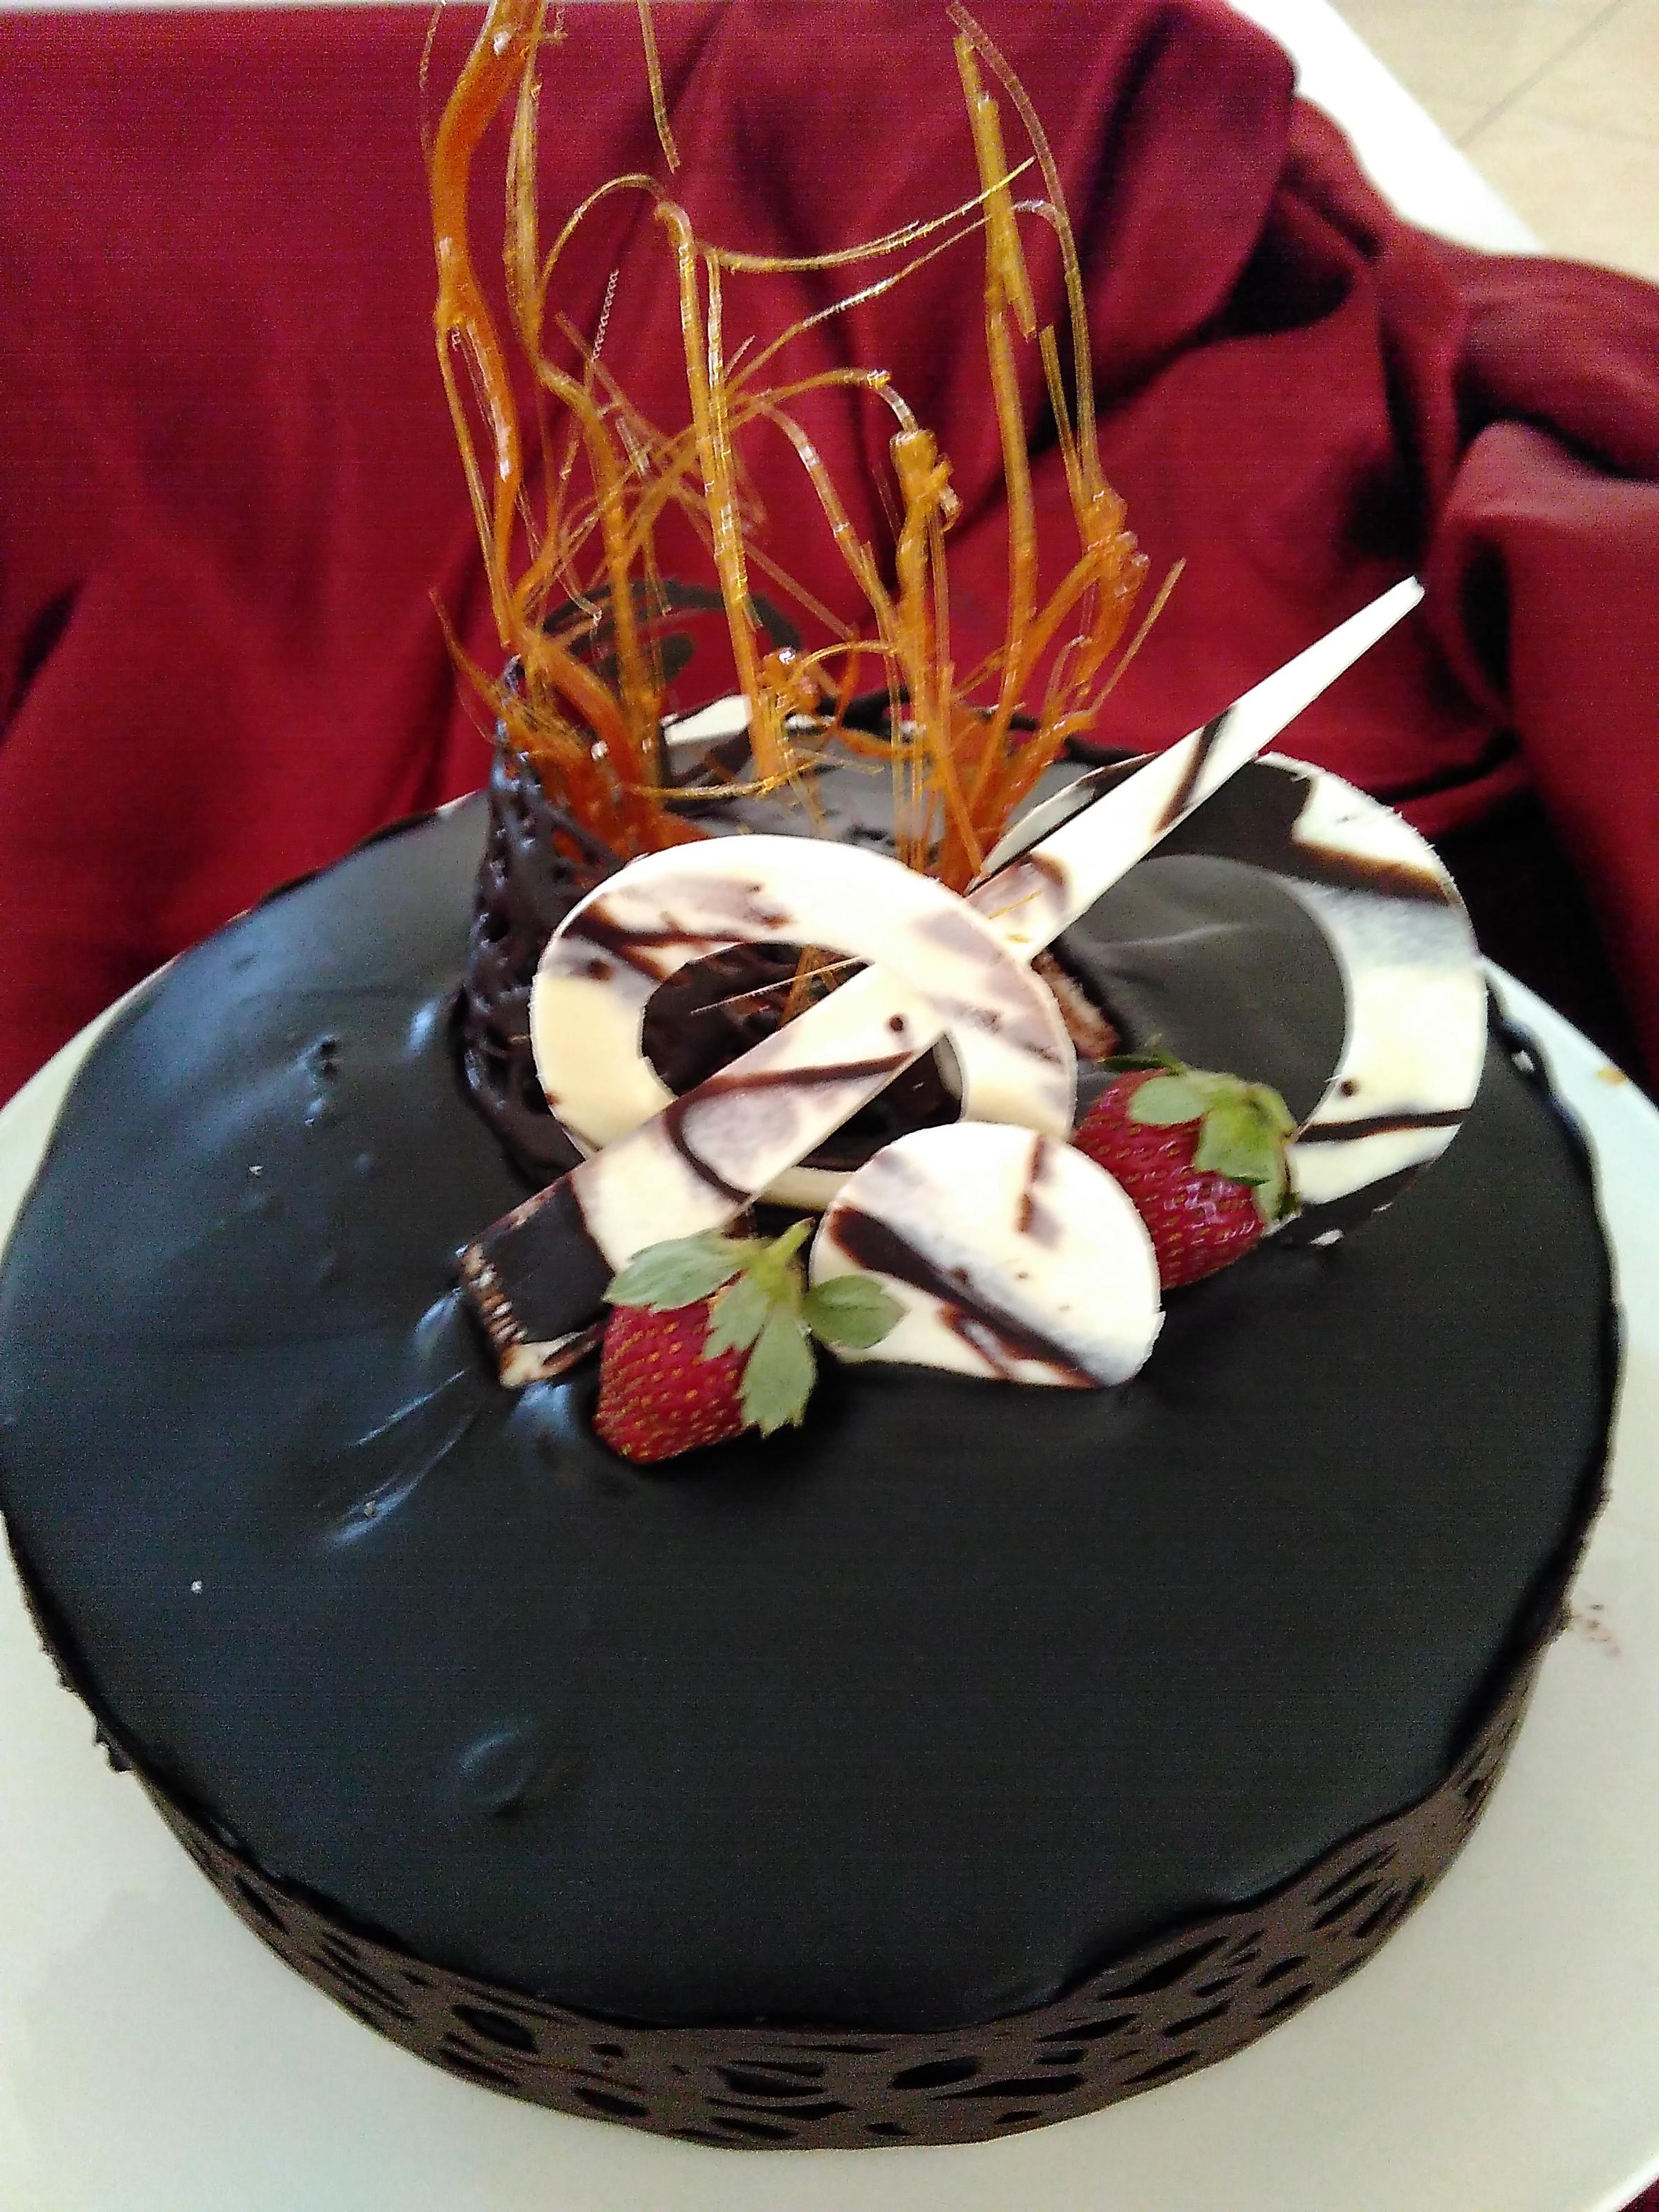 Produk Pastry & Bakery XIA1